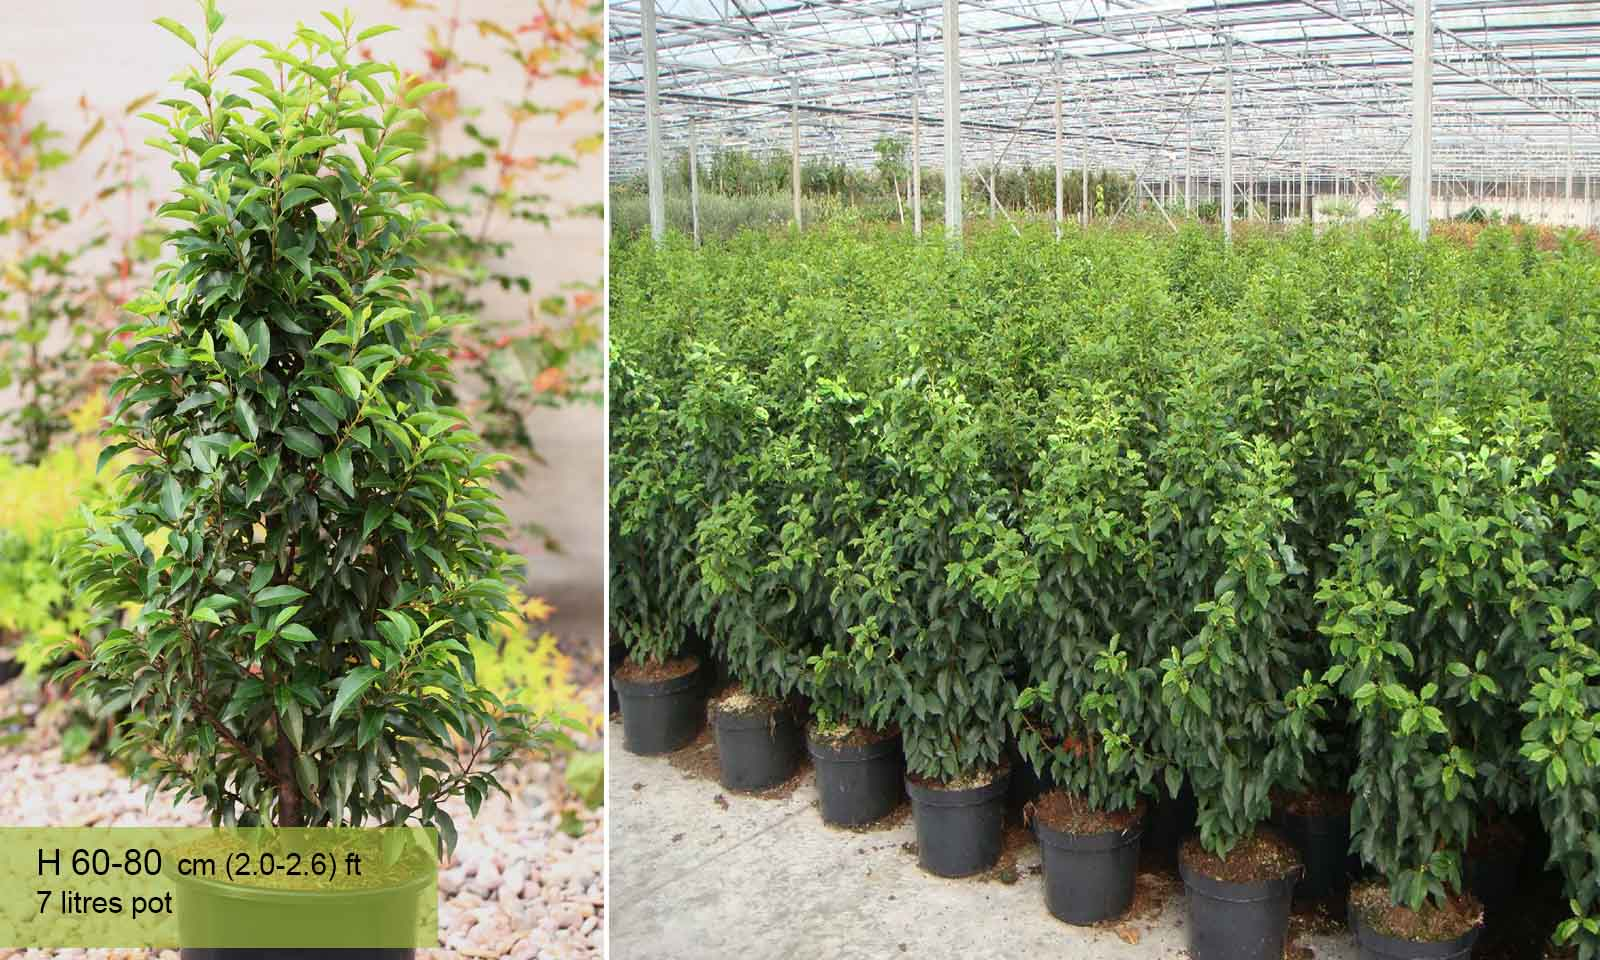 Prunus Lusitanica - Shrub